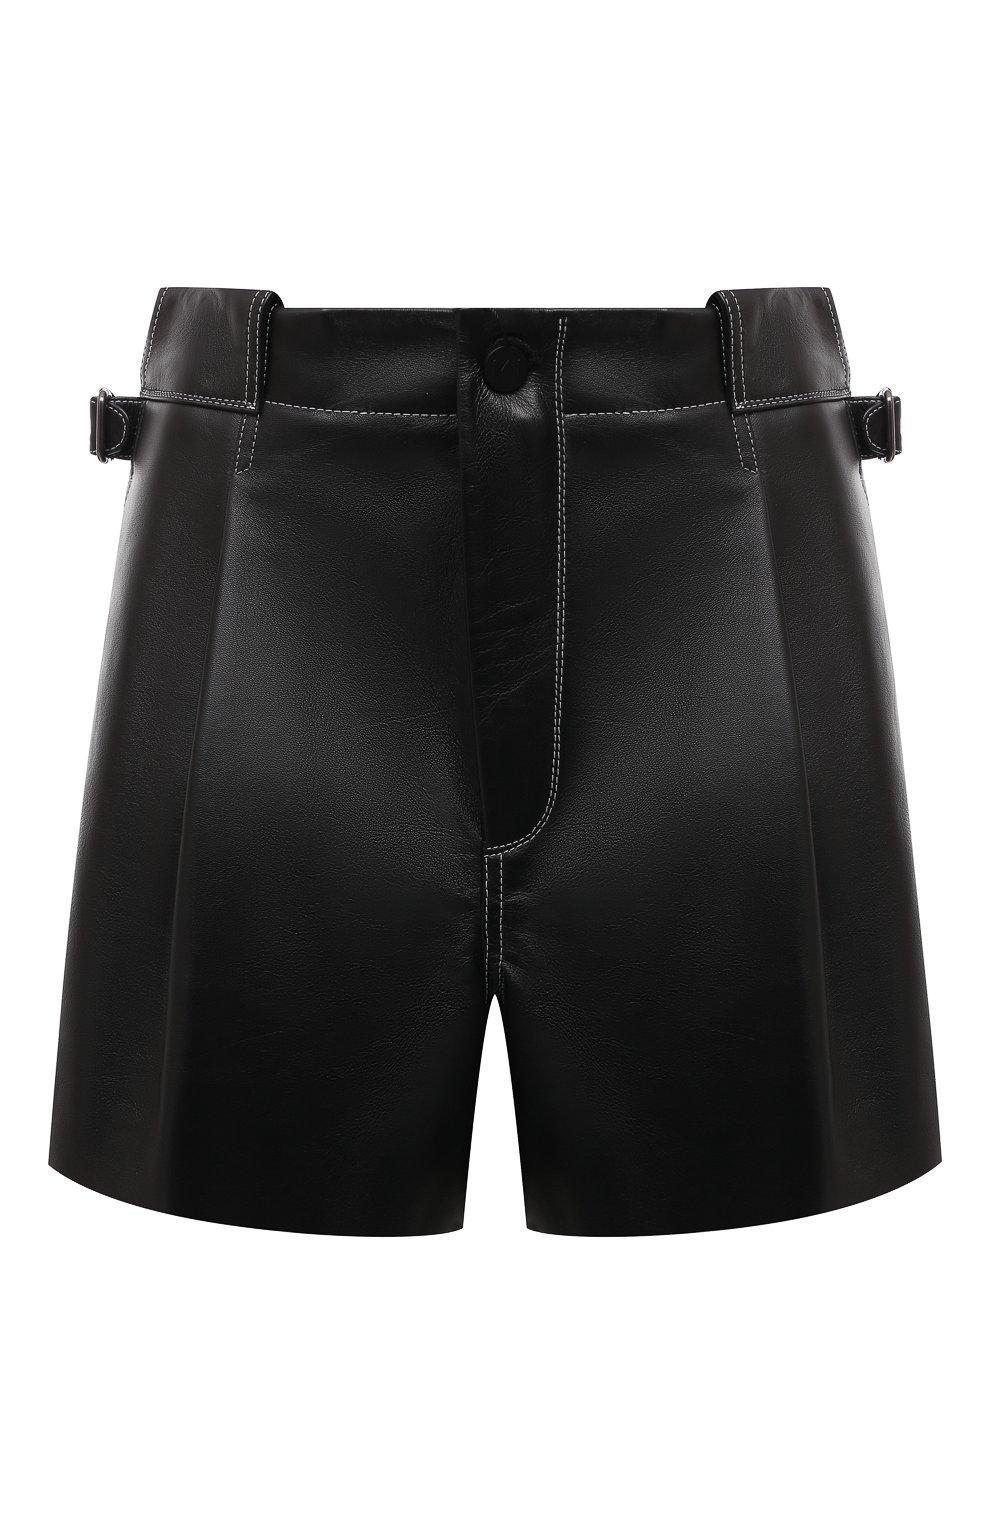 Женские кожаные шорты THE MANNEI черного цвета, арт. W21TM_SAKIB-SAKIB SH0RTS | Фото 1 (Женское Кросс-КТ: Шорты-одежда; Стили: Гламурный; Длина Ж (юбки, платья, шорты): Мини; Материал подклада: Вискоза)